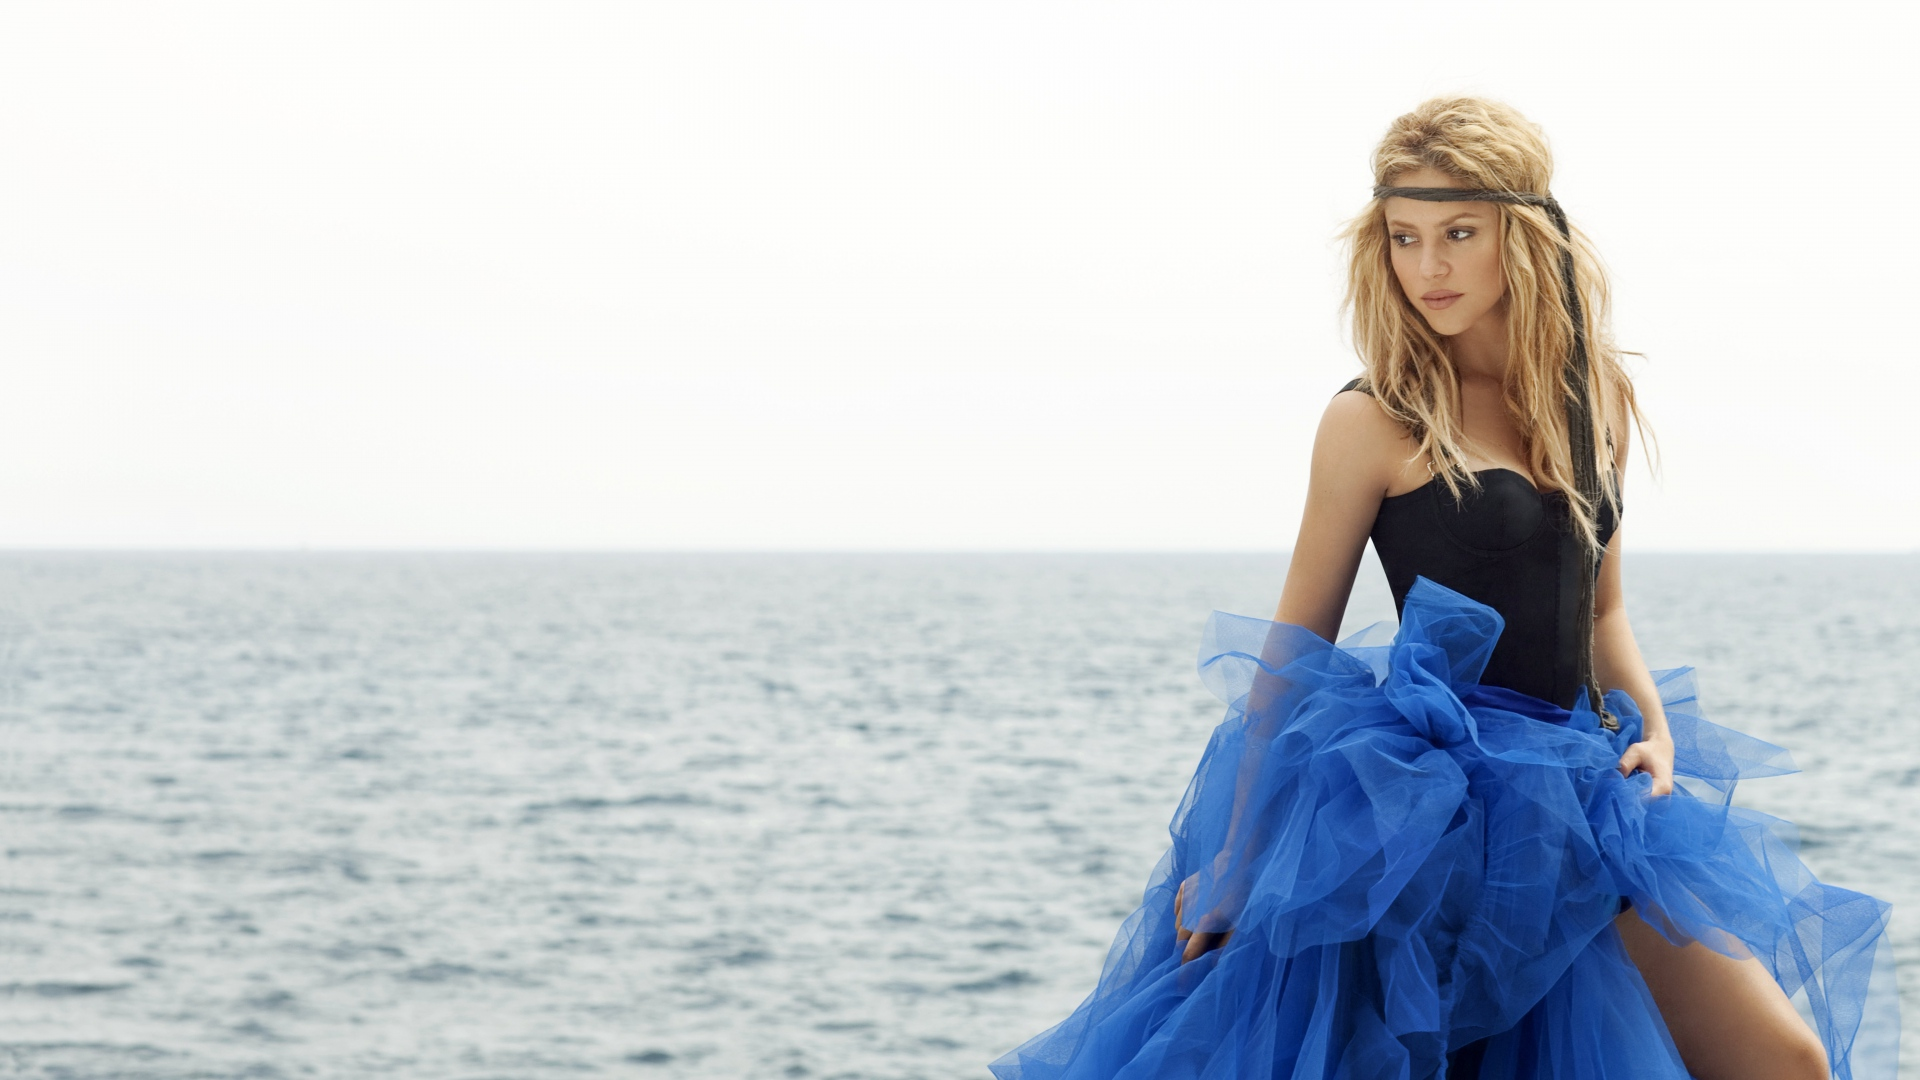 Фото девушек в синем платье